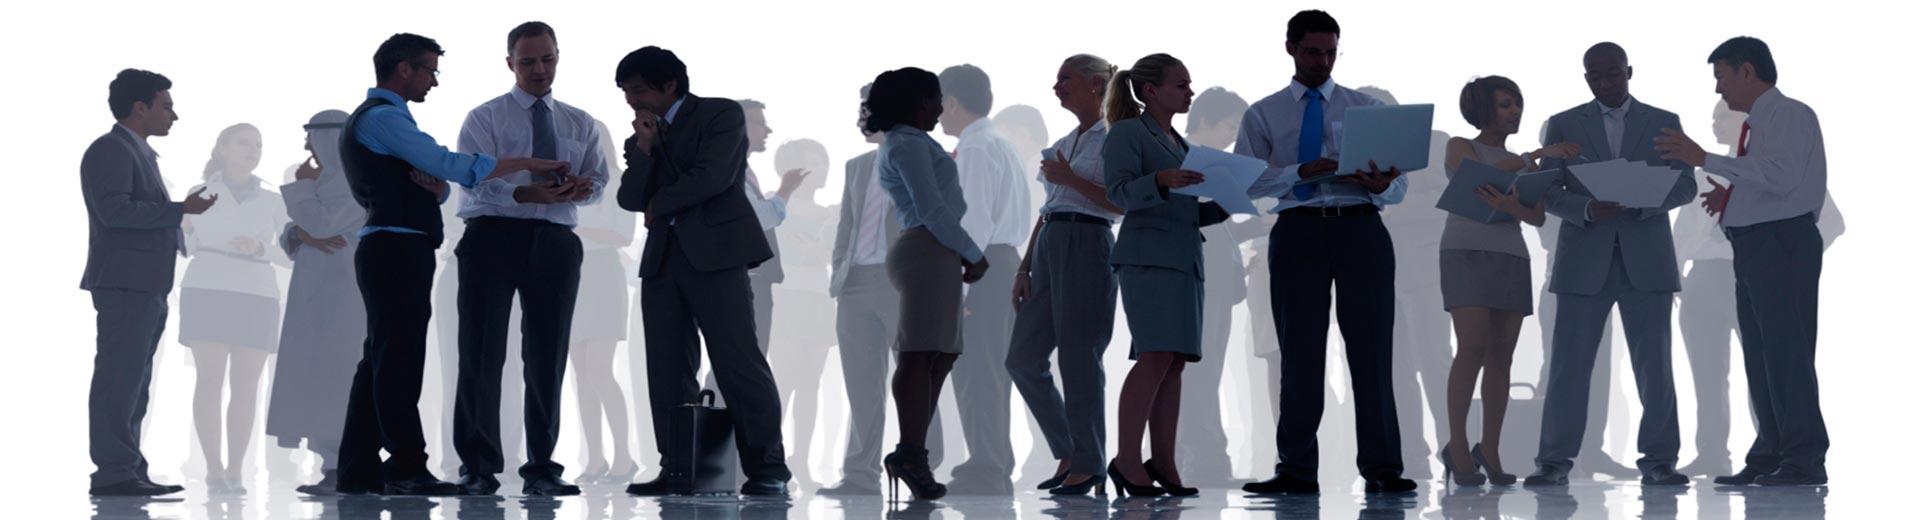 Περιγραφές εργασίας και προδιαγραφές κατάλληλων ατόμων (Job description)